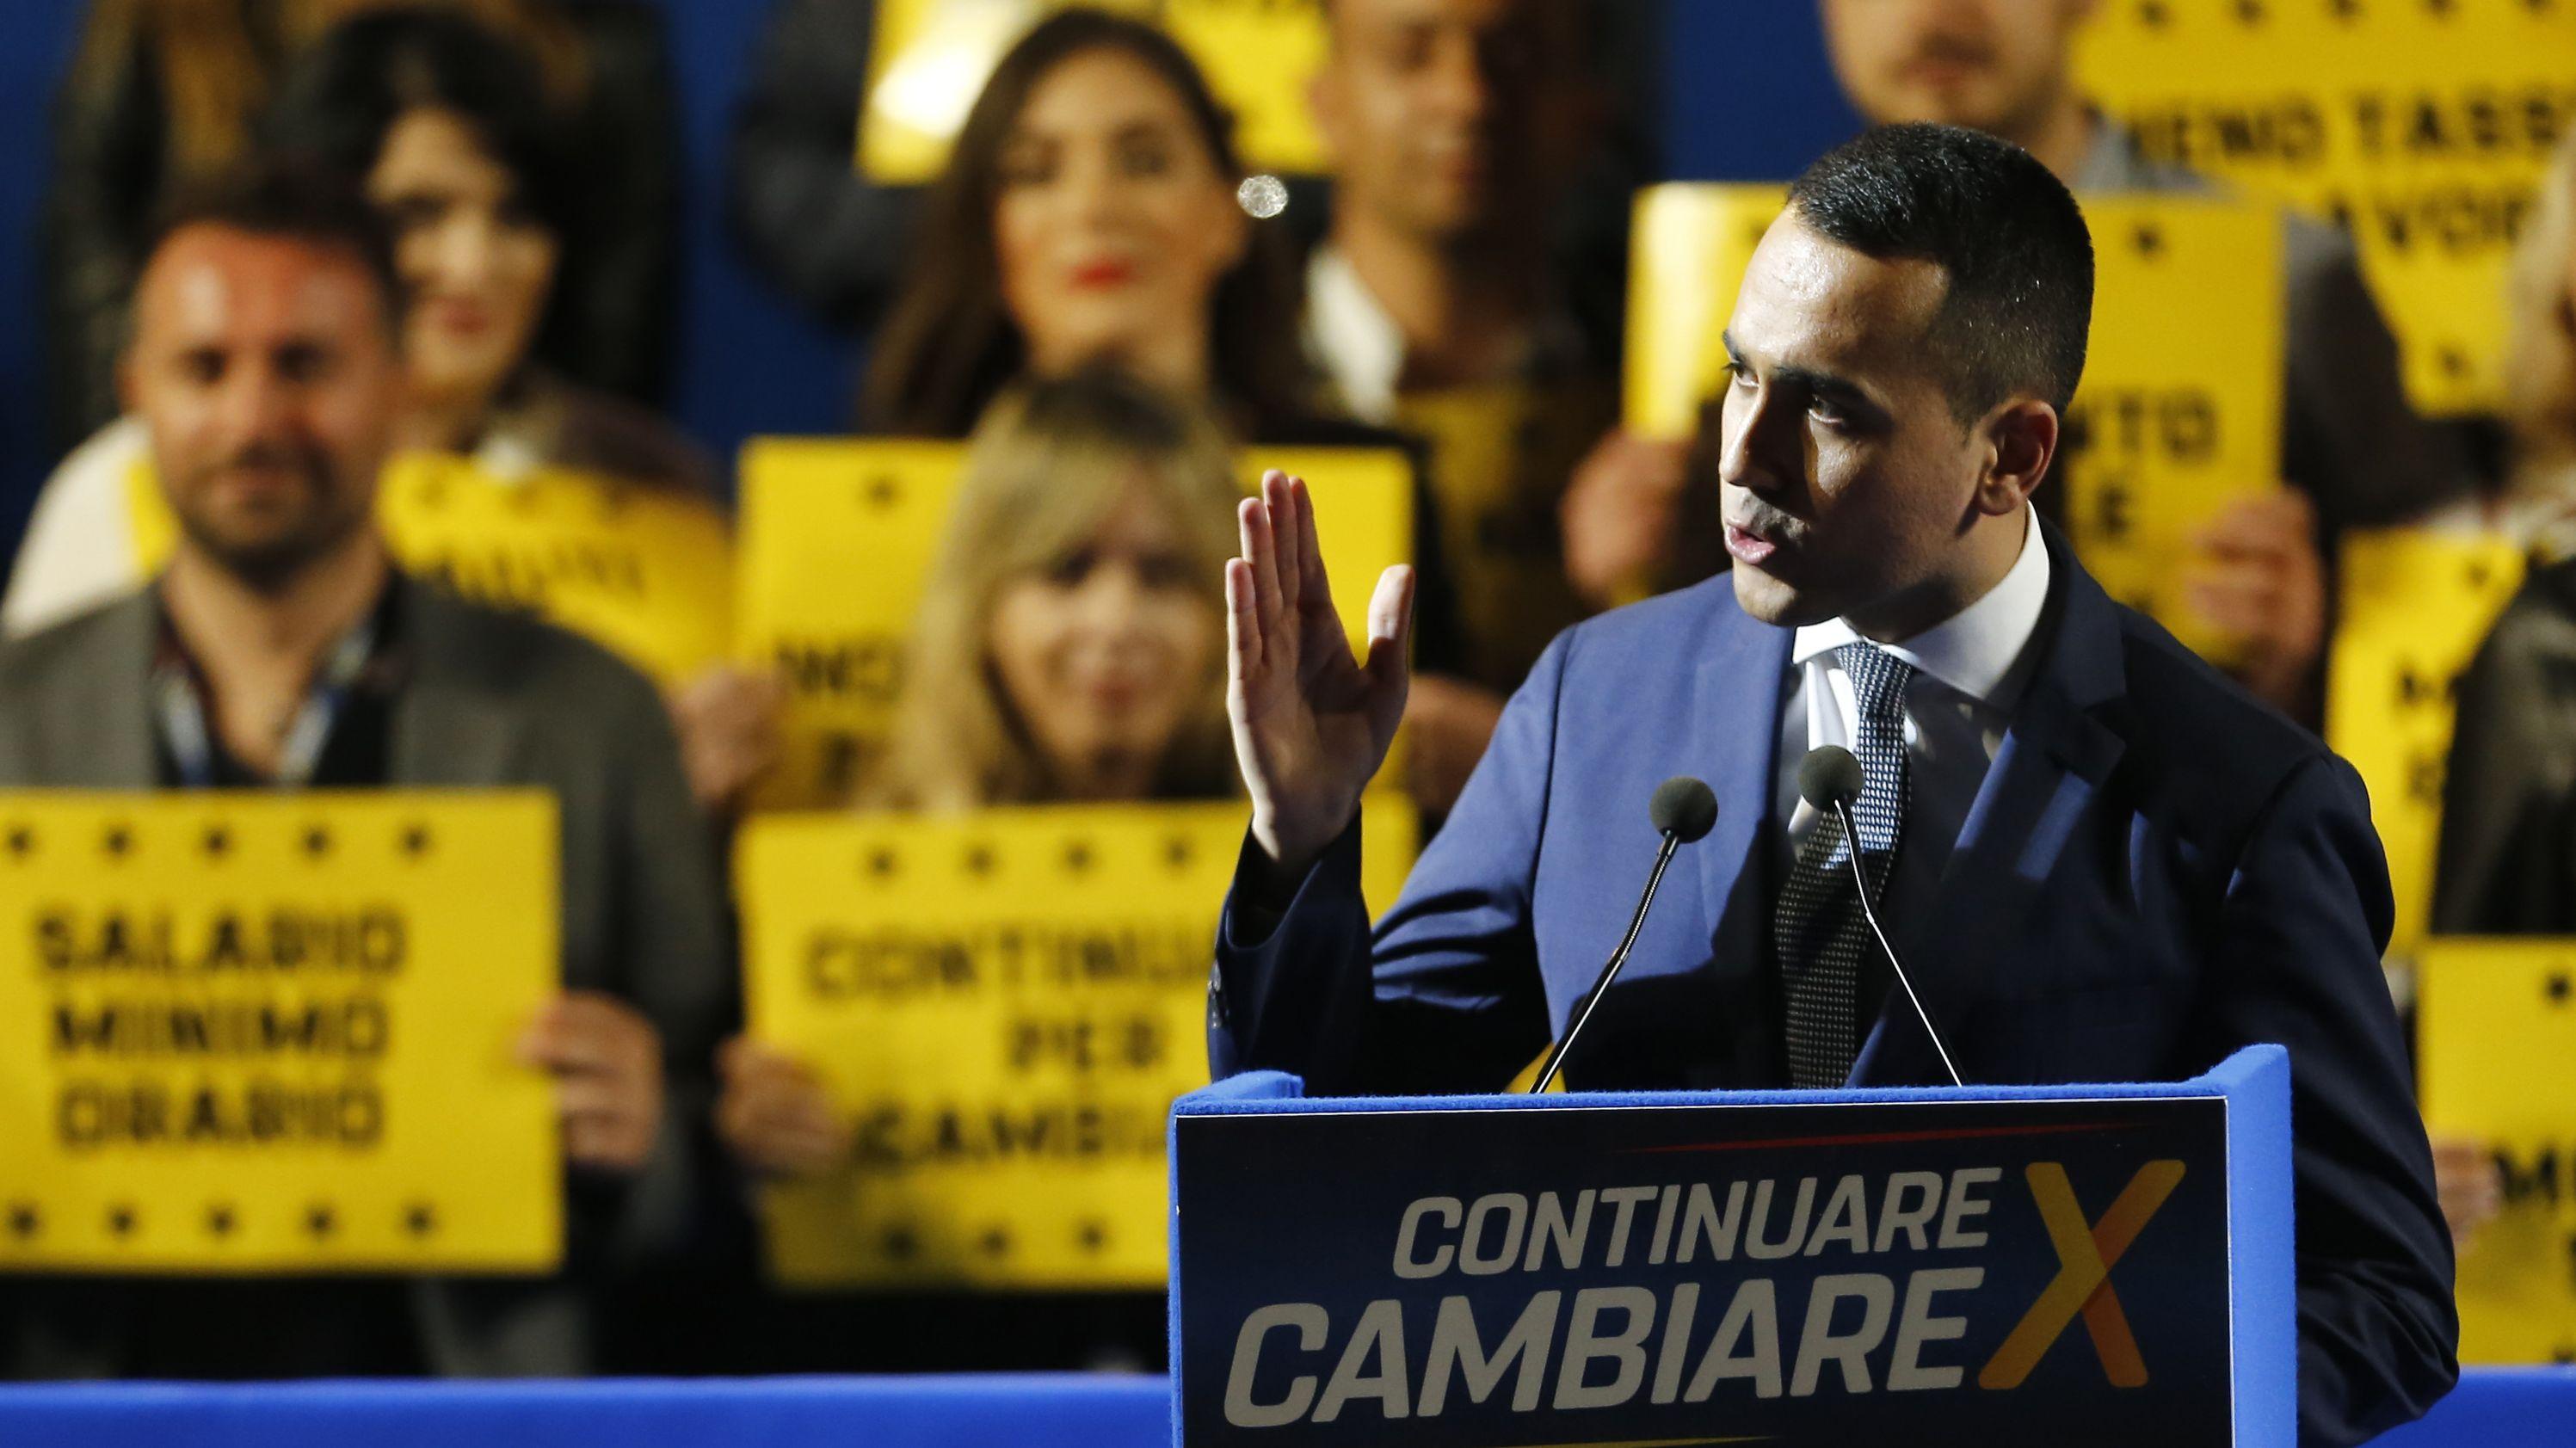 Luigi Di Maio bei der Schlusskundgebung der Fünf-Sterne-Bewegung in Rom.